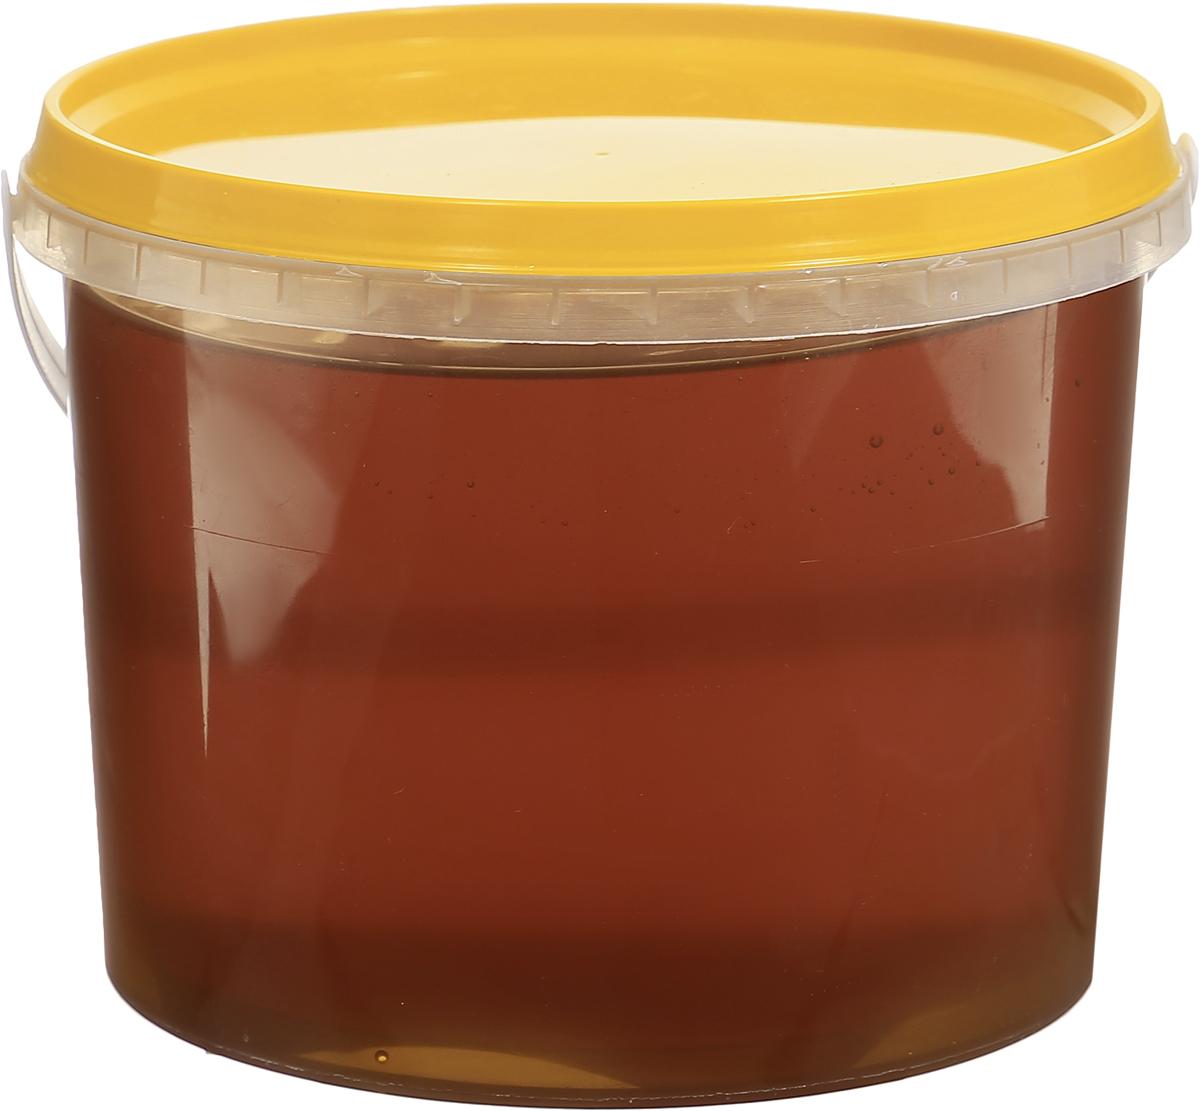 Медовед мед натуральный каштановый, 1 кг0120710Каштановый мед имеет особый вкус. Танины, имеющиеся в изобилии в каштанах, характеризуют его вкус, придавая ему горький аромат, хорошо гармонирующий со сладостью меда. Горьковатый привкус каштанового меда не уменьшает фактической ценности продукта. Одна чайная ложка в стакане горячего молока создаст приятный и оригинальный вкус, не сравнимый с любым другим типом подсластителя.Существует множество способов употребления каштанового меда. Его можно намазать на тост или булочку, чтобы раскрыть всю природу нектара богов, как в древности называли мед. Для тех, кто любит изысканные комбинации, можно употреблять этот продукт в дуэте с сыром, йогуртами, мороженым и кремовыми десертами.Одной из основных особенностей каштанового меда является то, что он не кристаллизуется или делает это очень медленно и неравномерно. Благодаря высокому содержанию фруктозы мед остается длительное время жидким, даже в холодное время года, тогда как другие виды меда, как правило, очень легко кристаллизируются и превращаются в зернистую массу. Обычно каштановый мед янтарного цвета. Также он может быть более темного или более светлого цвета, иметь красноватые оттенки. Даже запах этого меда сильный и насыщенный, как и его вкус.Что касается лечебных свойств данного вида меда, то каштановый мед улучшает кровообращение, известен также как спазмолитическое, вяжущее и дезинфицирующее средство для мочевыводящих путей. Еще он богат минералами, такими как железо, кальций и фосфор, является отличным противовоспалительным средством для горла и обладает антибактериальными свойствами.